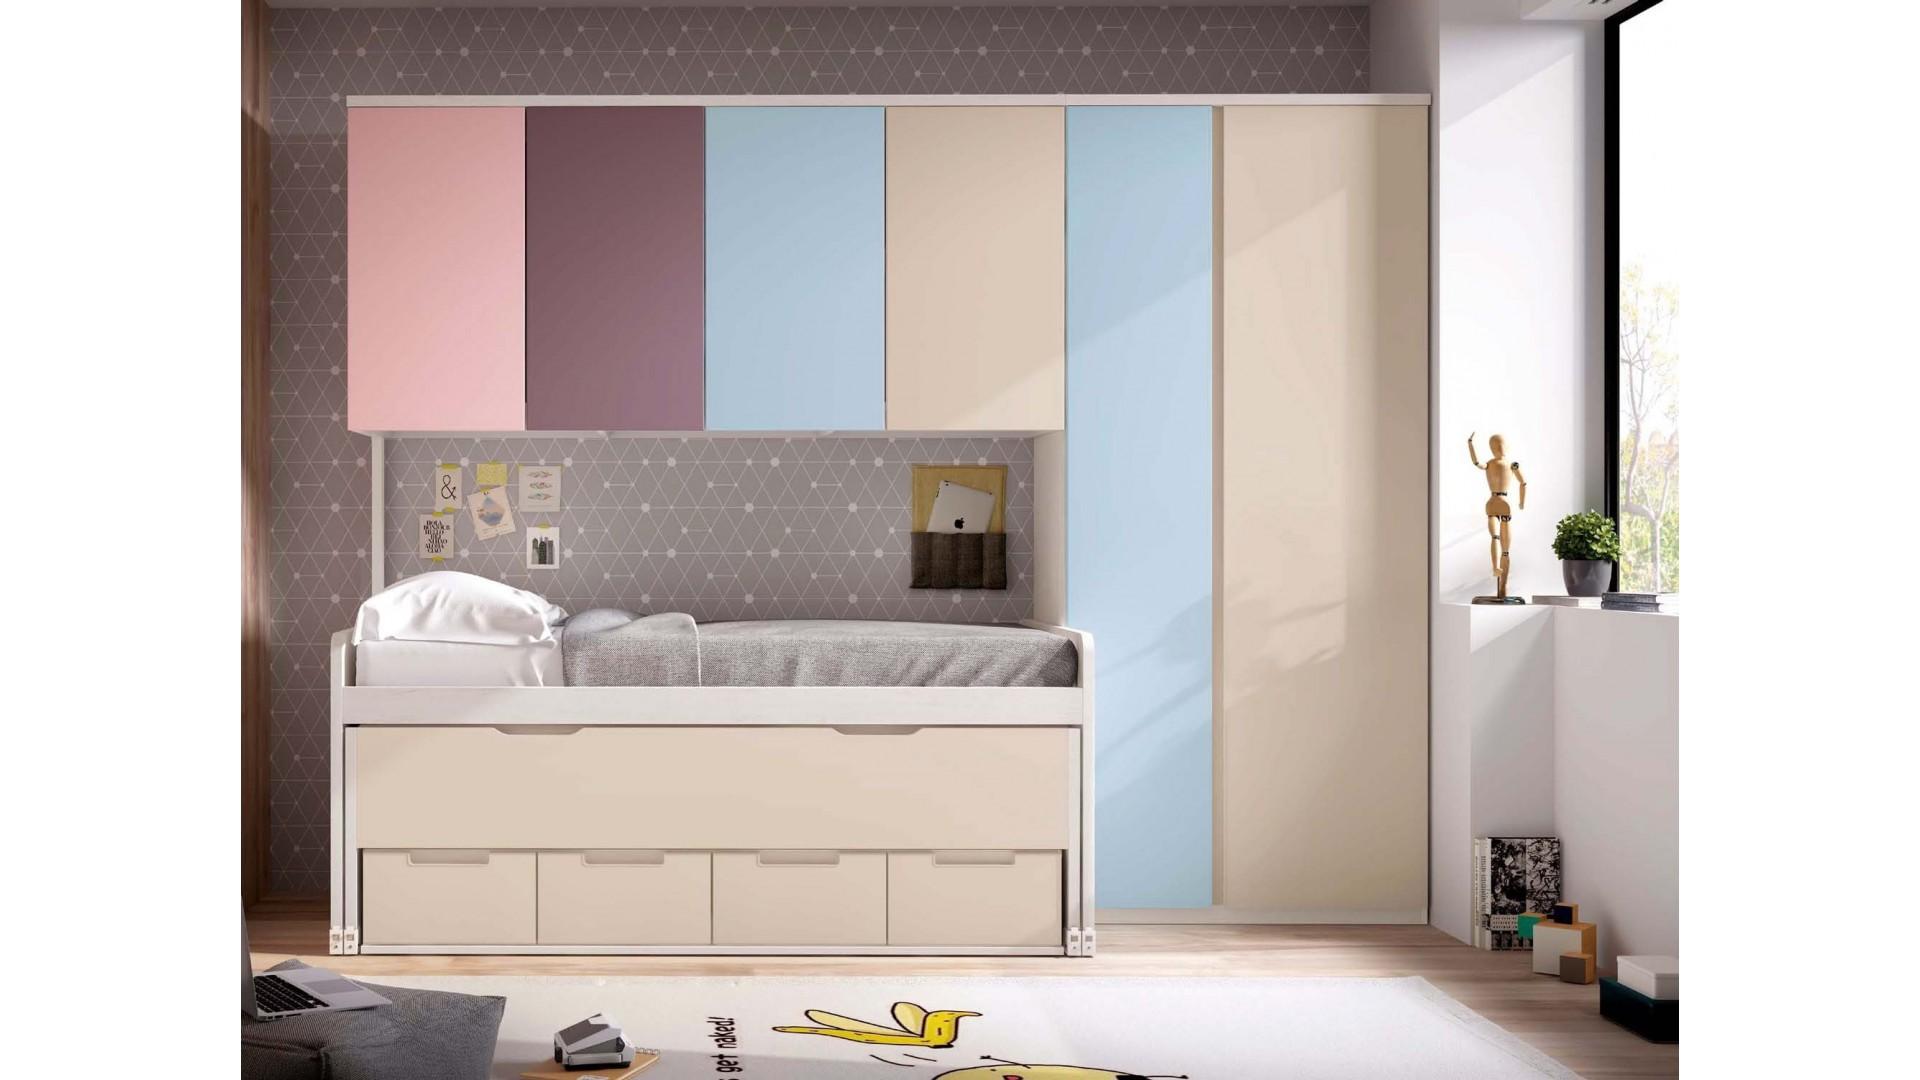 Chambre enfant design PERSONNALISABLE F019 - GLICERIO